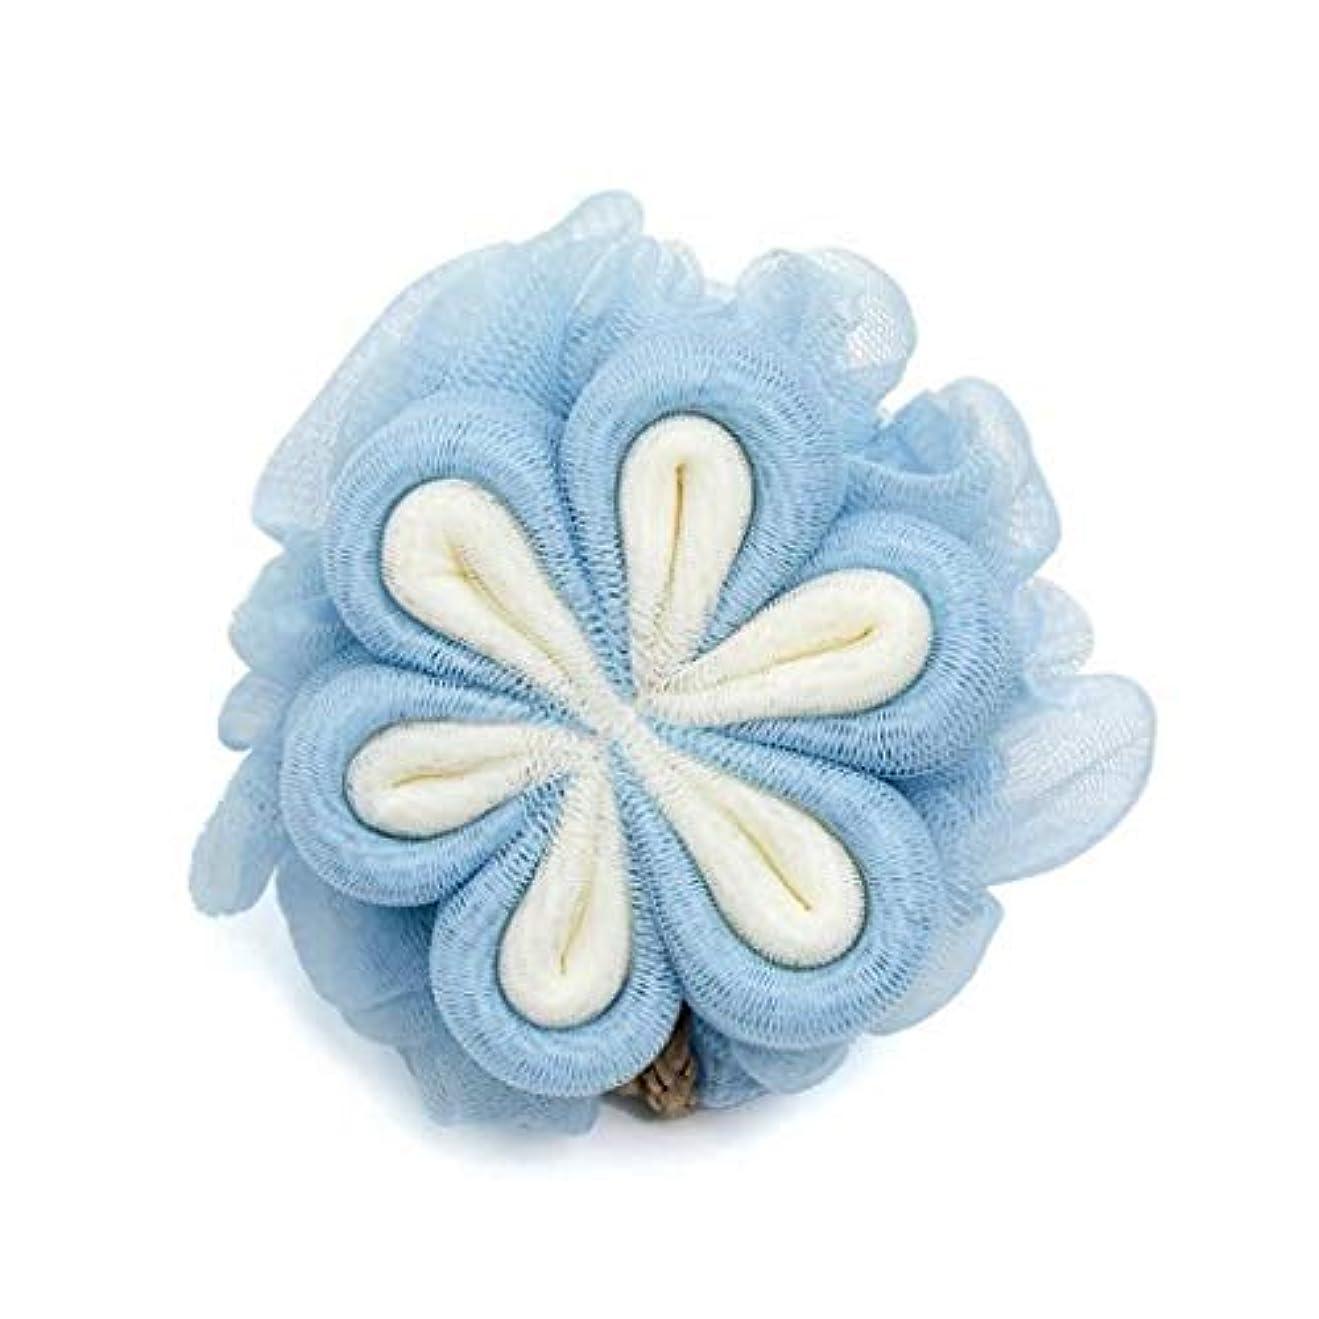 ダムローズ側ボディーウォッシュボール 泡立ちネット ボディーブラシ 背中 マッサージ シャボンボール 角質ケア フラワーボール 花形 (ブルー)